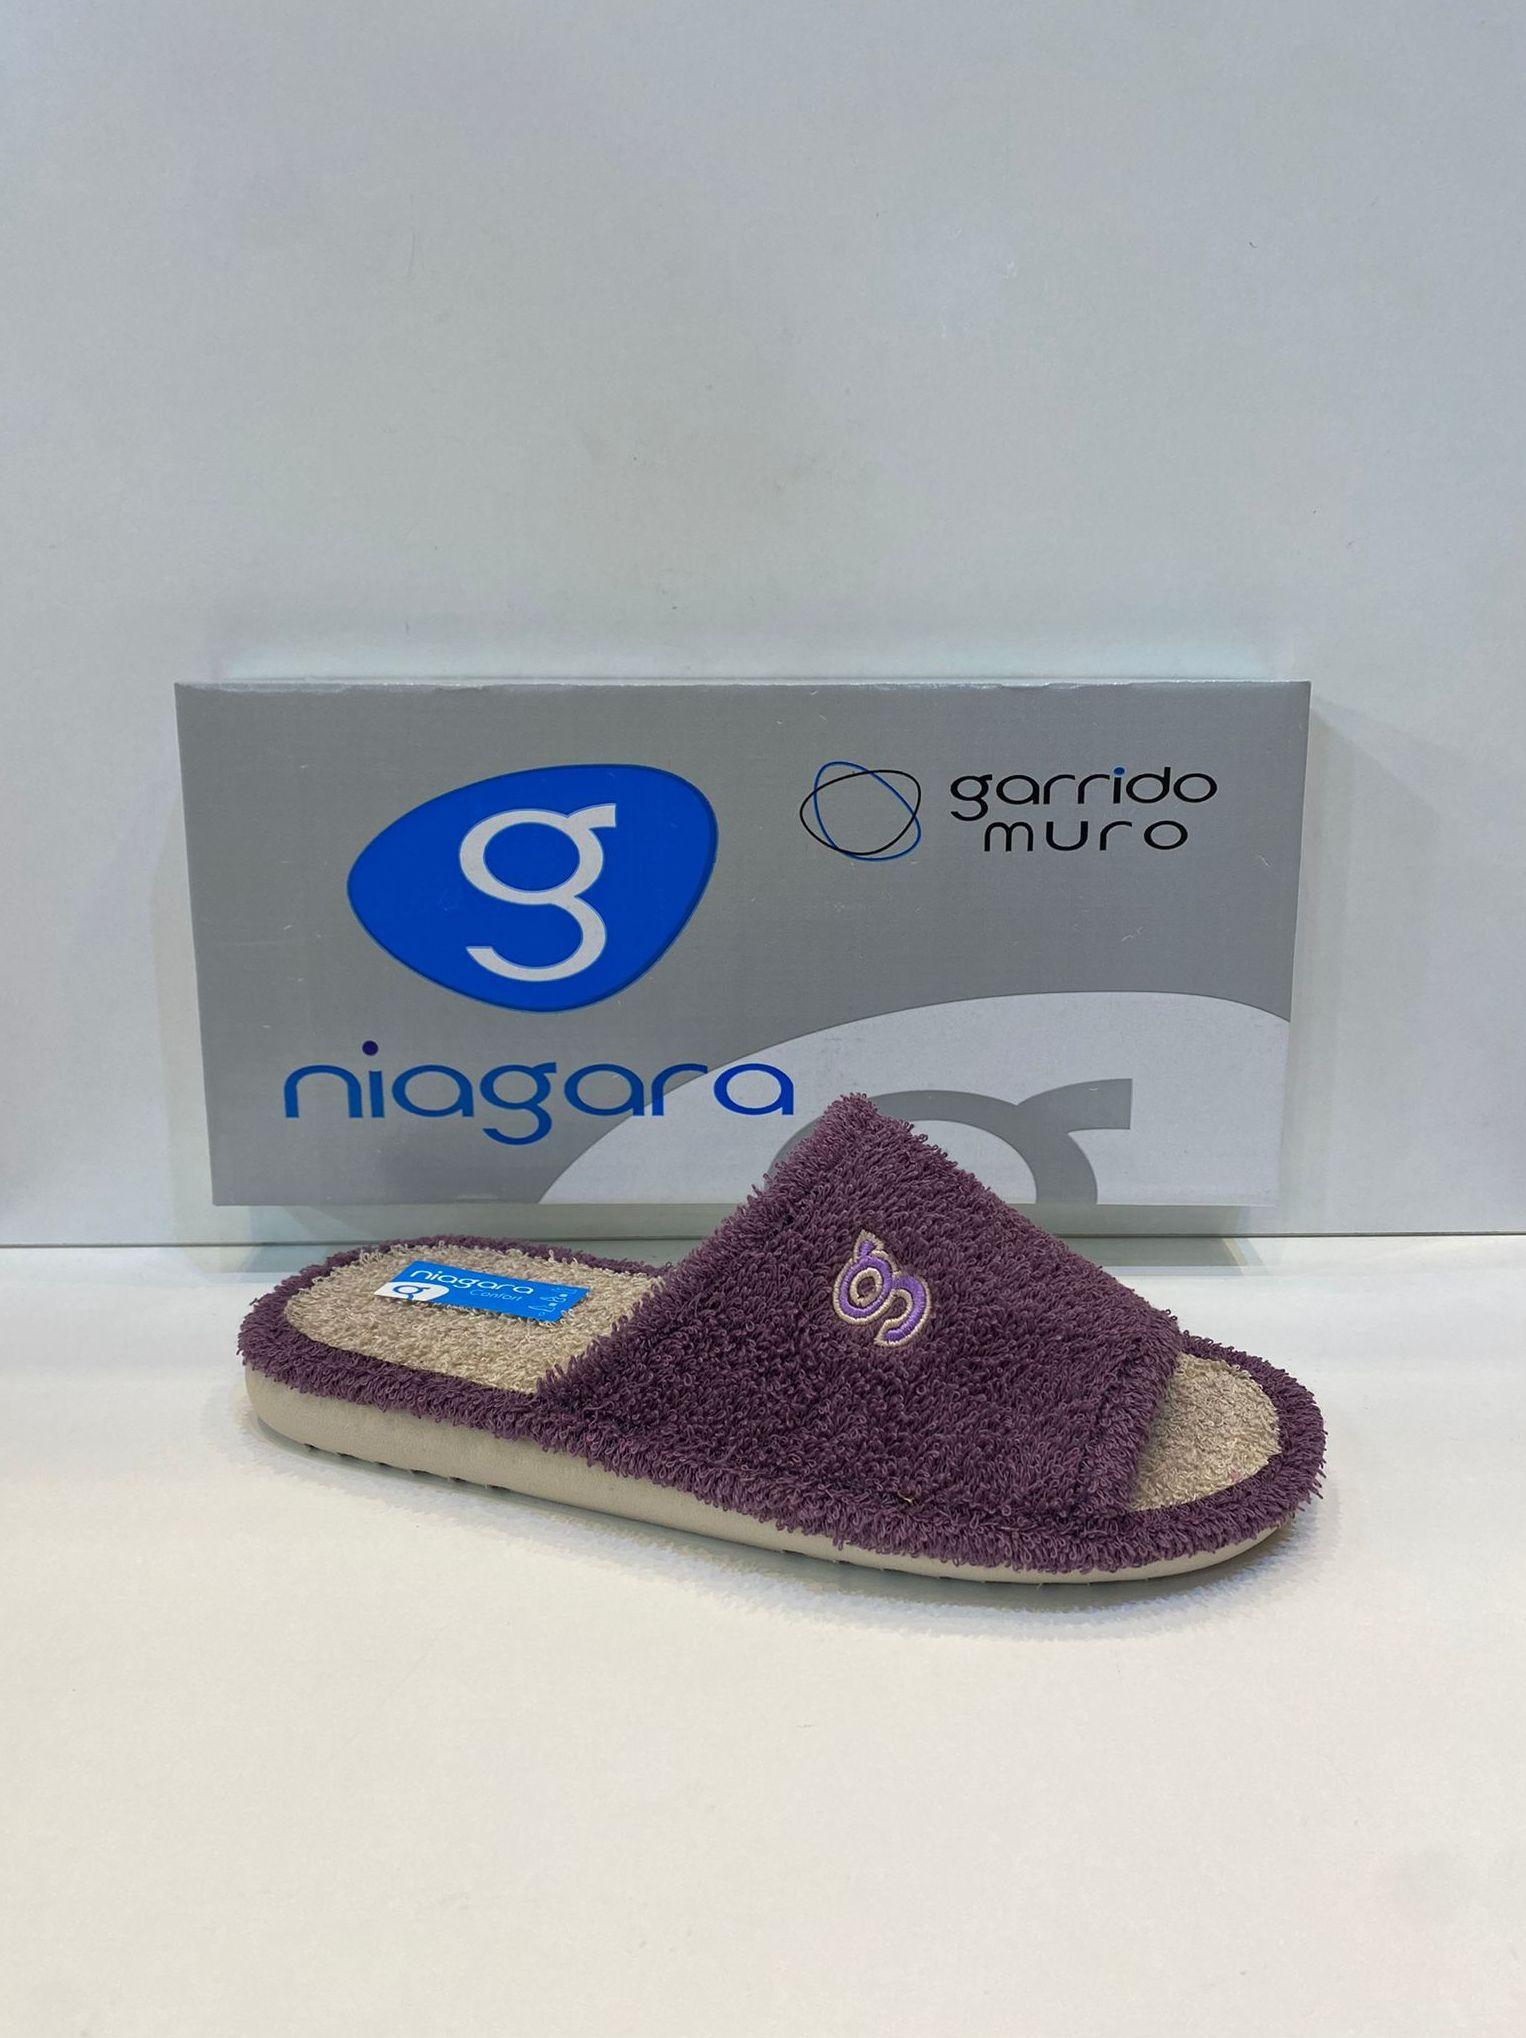 Espardenya de dona, de la marca Niagara, de tovallola, amb sola de microporós especial parquet 20€ www.calzadosllinas.es